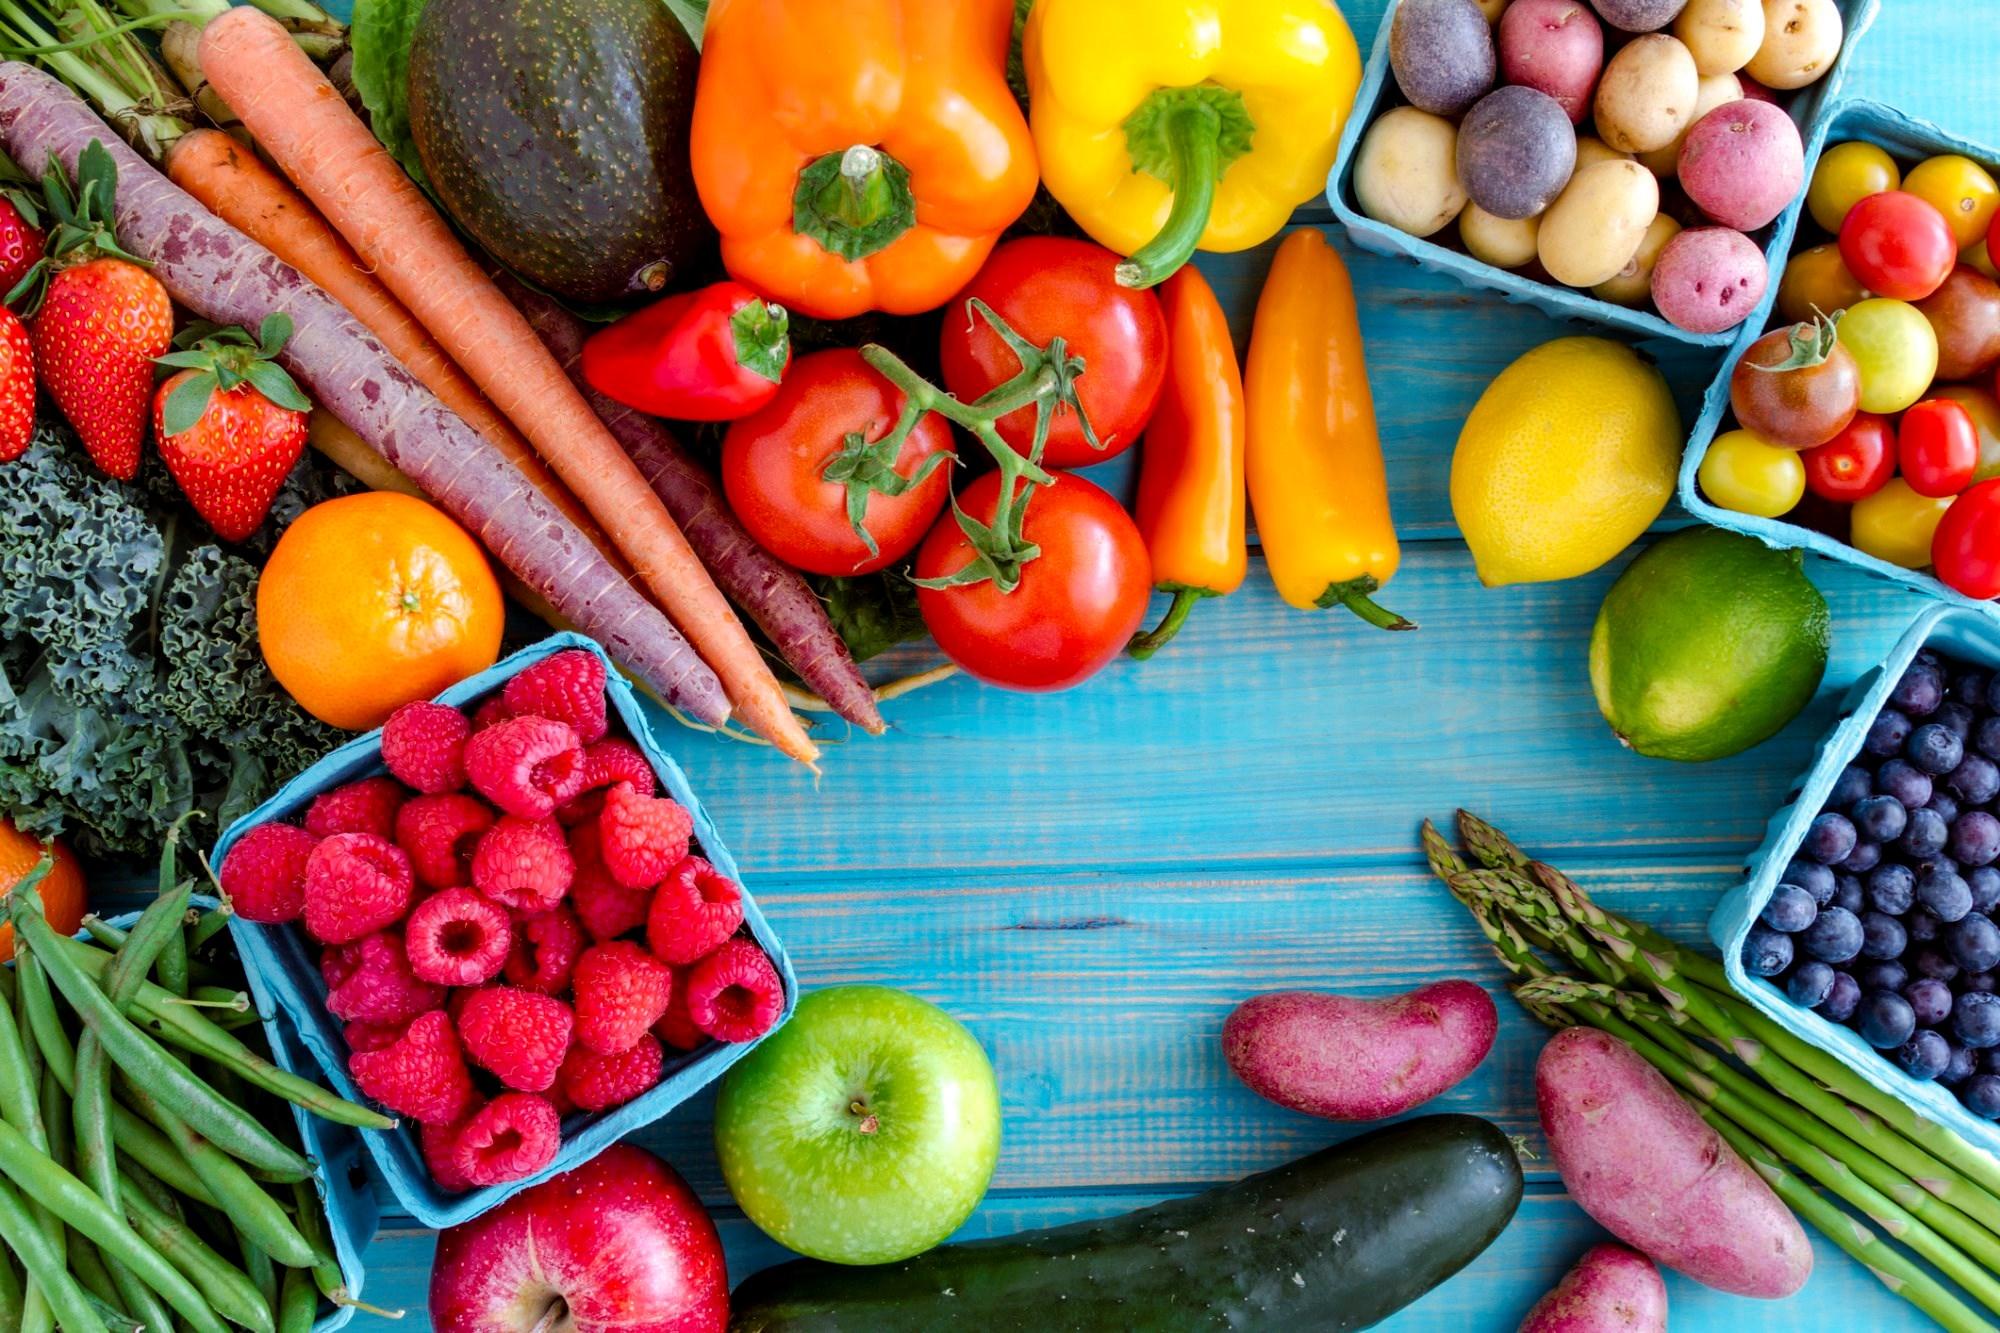 DASH Diet May Protect Against Kidney Disease